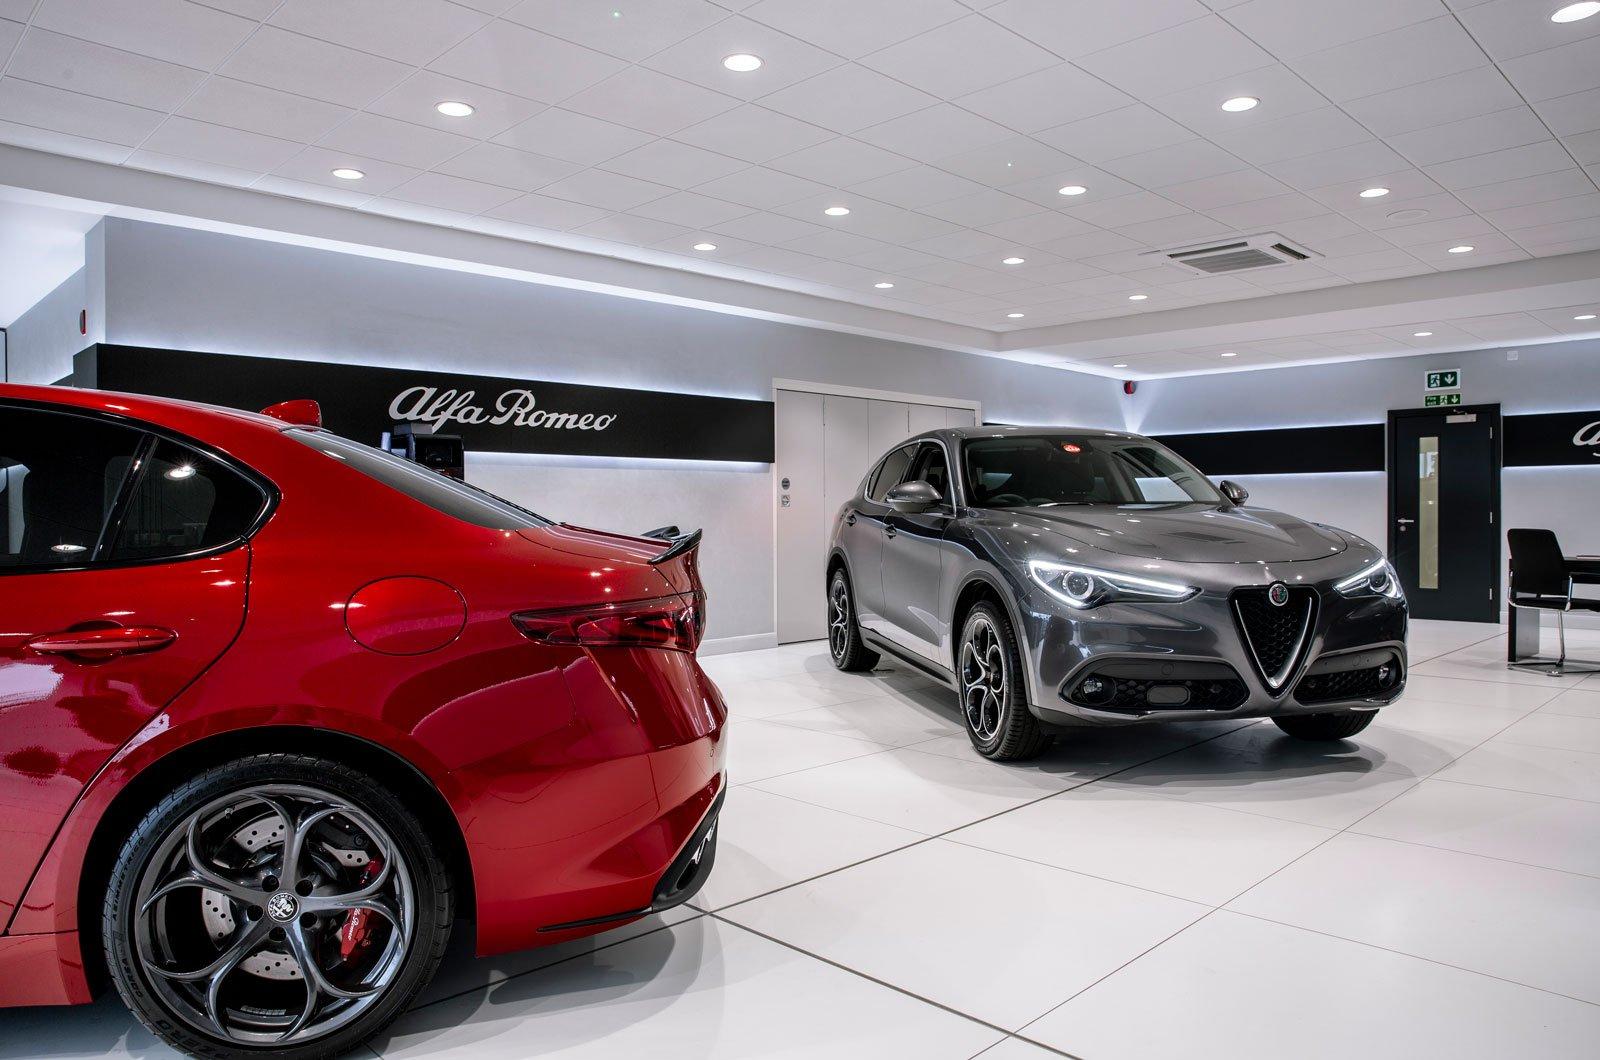 Alfa Romeo showroom